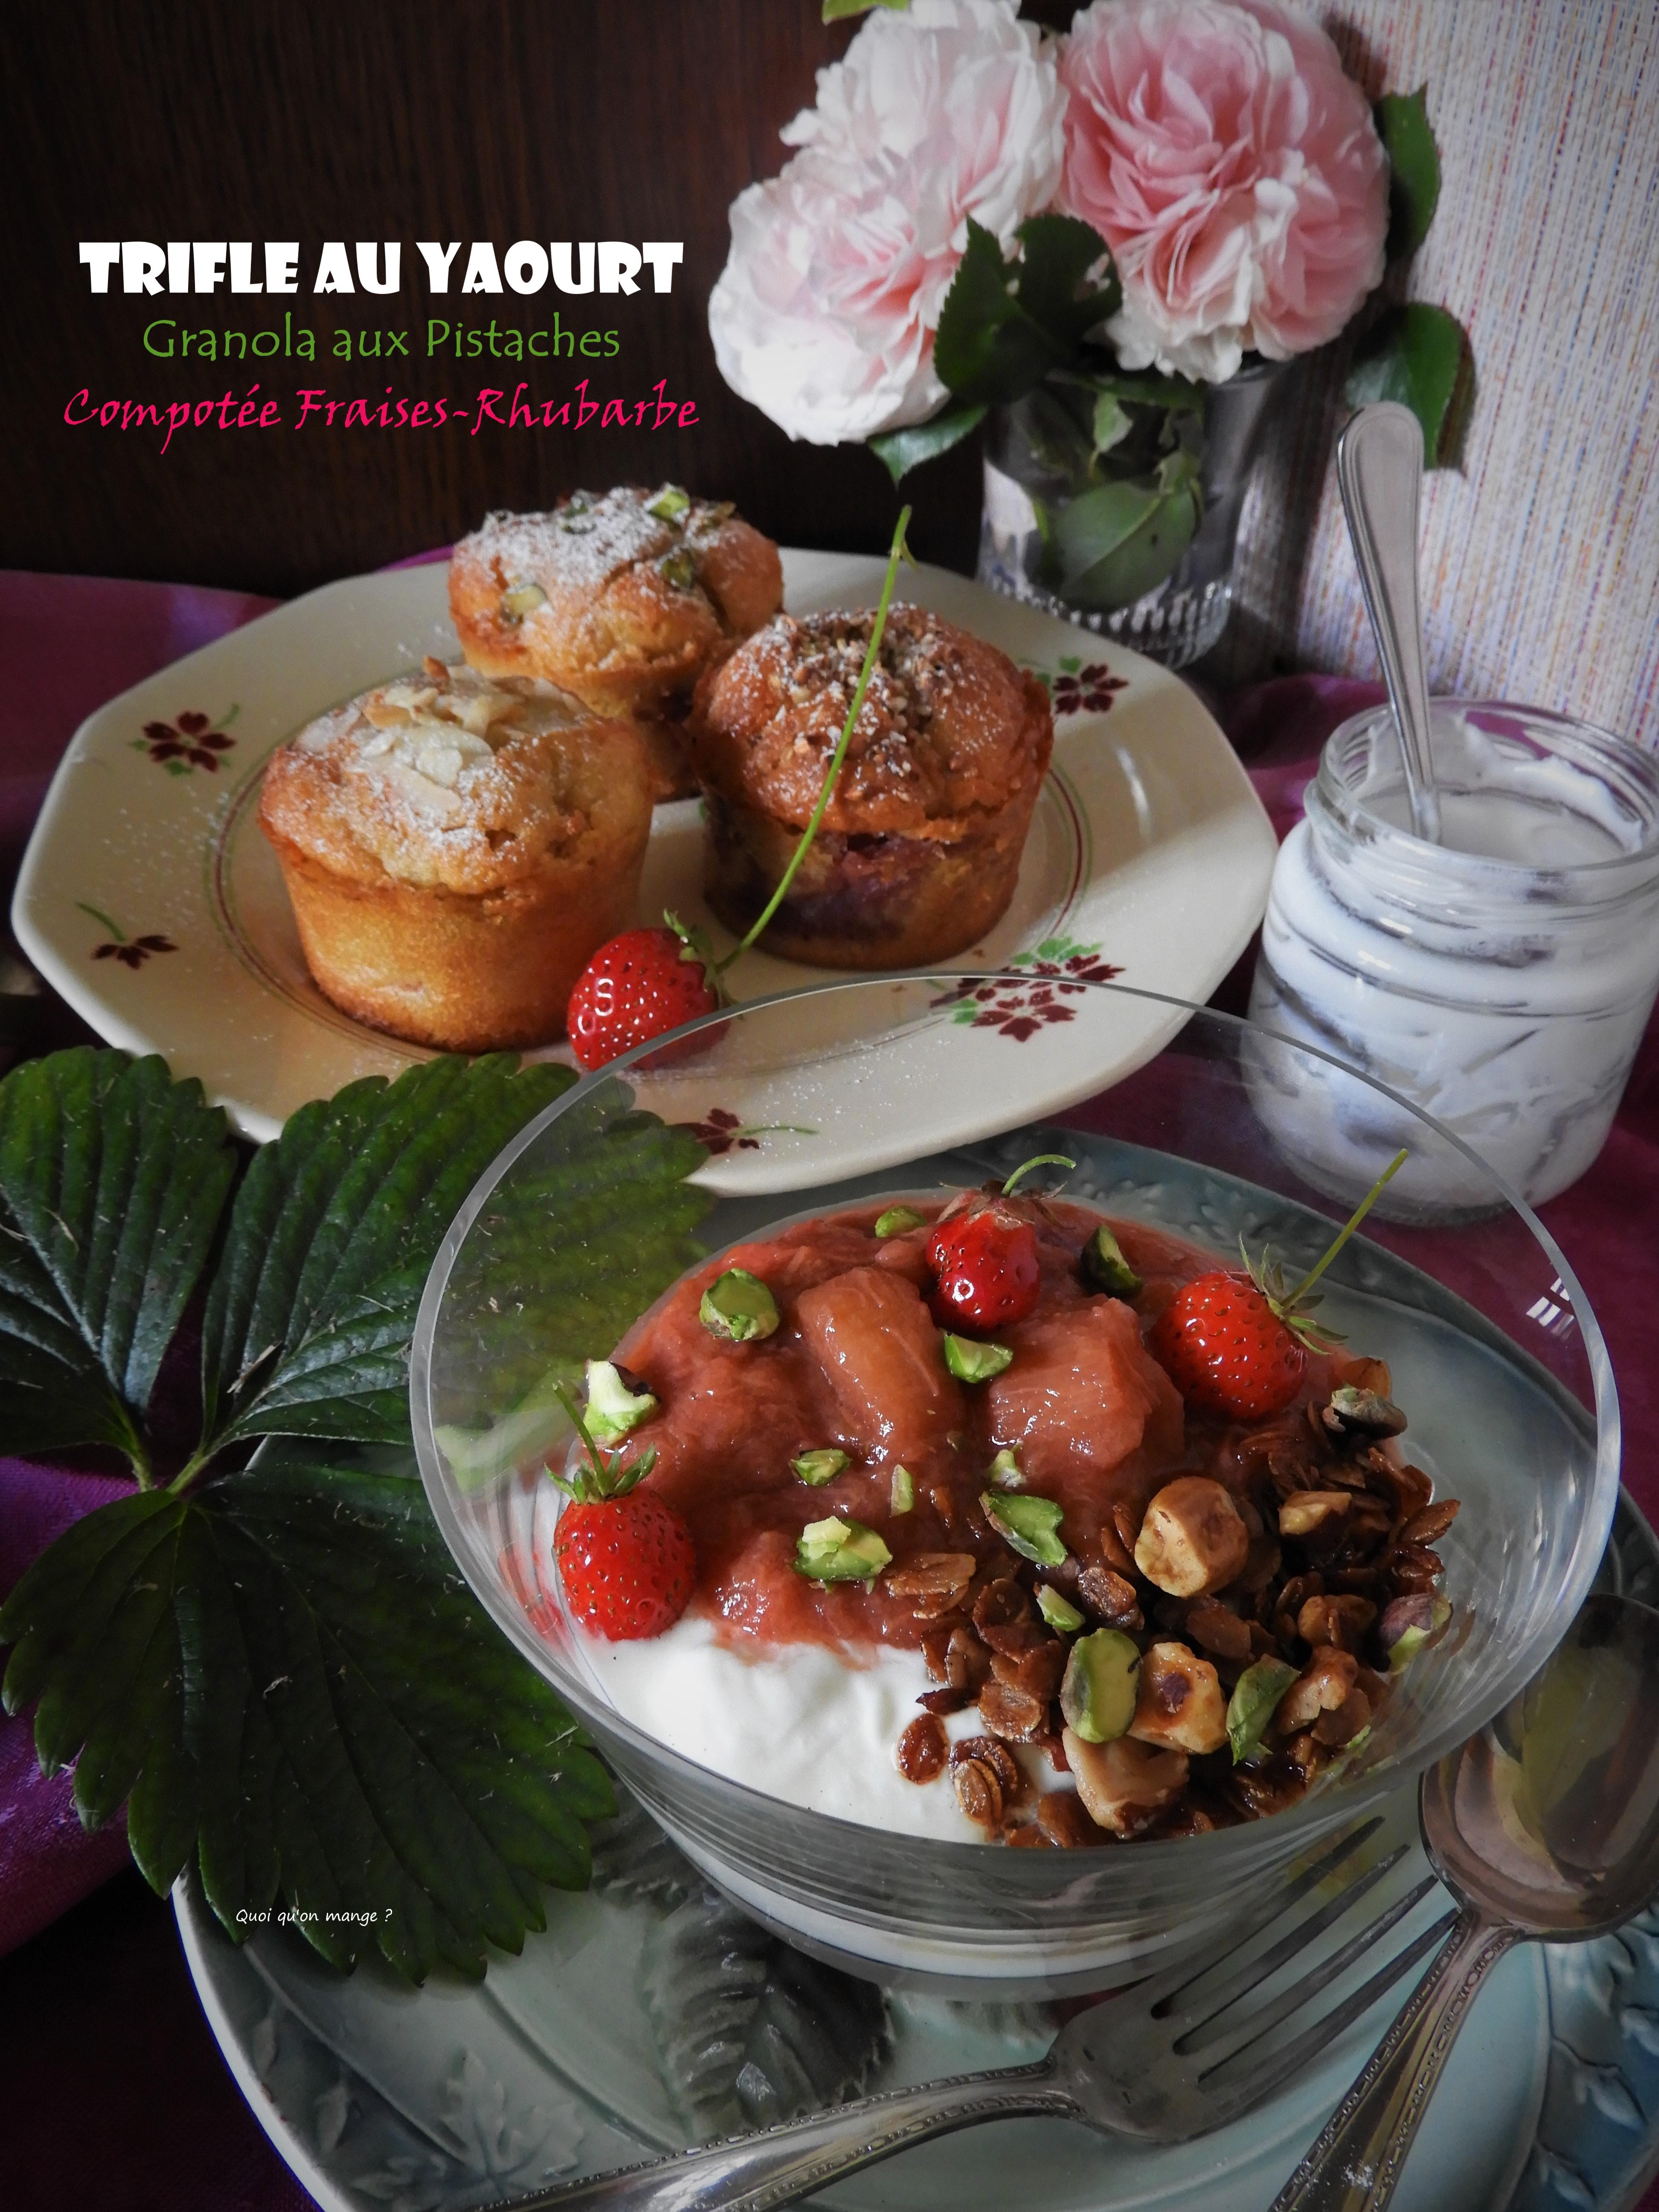 Trifle au yaourt, granola aux pistaches, compotée fraises-rhubarbe